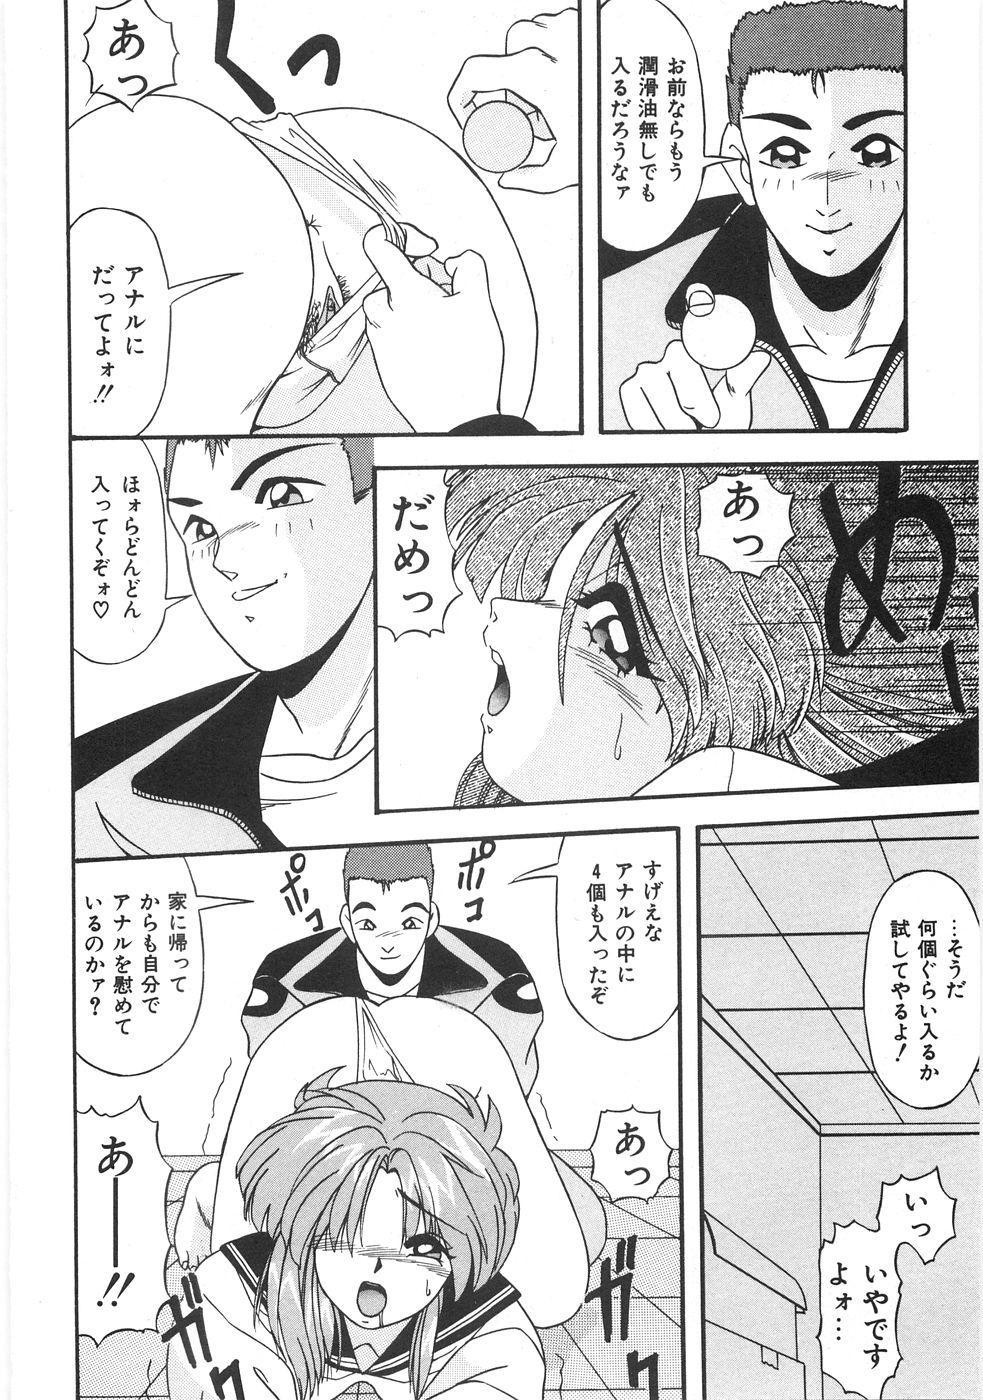 Seifuku Zukan Tenshi no Mitsugi 245